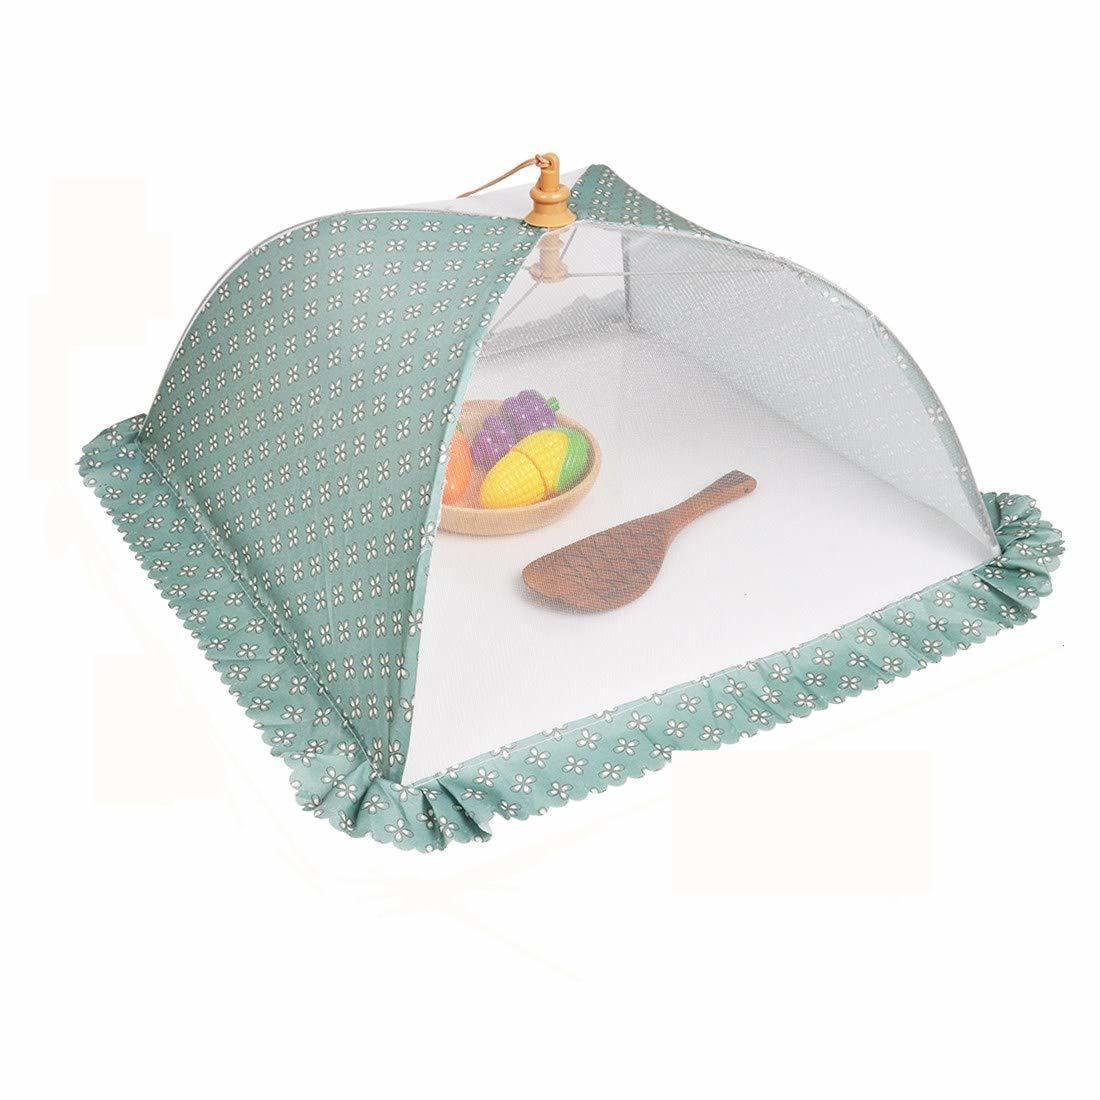 店 洋風フードカバー 食卓カバー 割り引き 折りたたみ式 DEWEL フードカバー キッチンパラソル 3色あり 洋風 正方形 虫よけ 埃よけ 洗える 折り畳み式